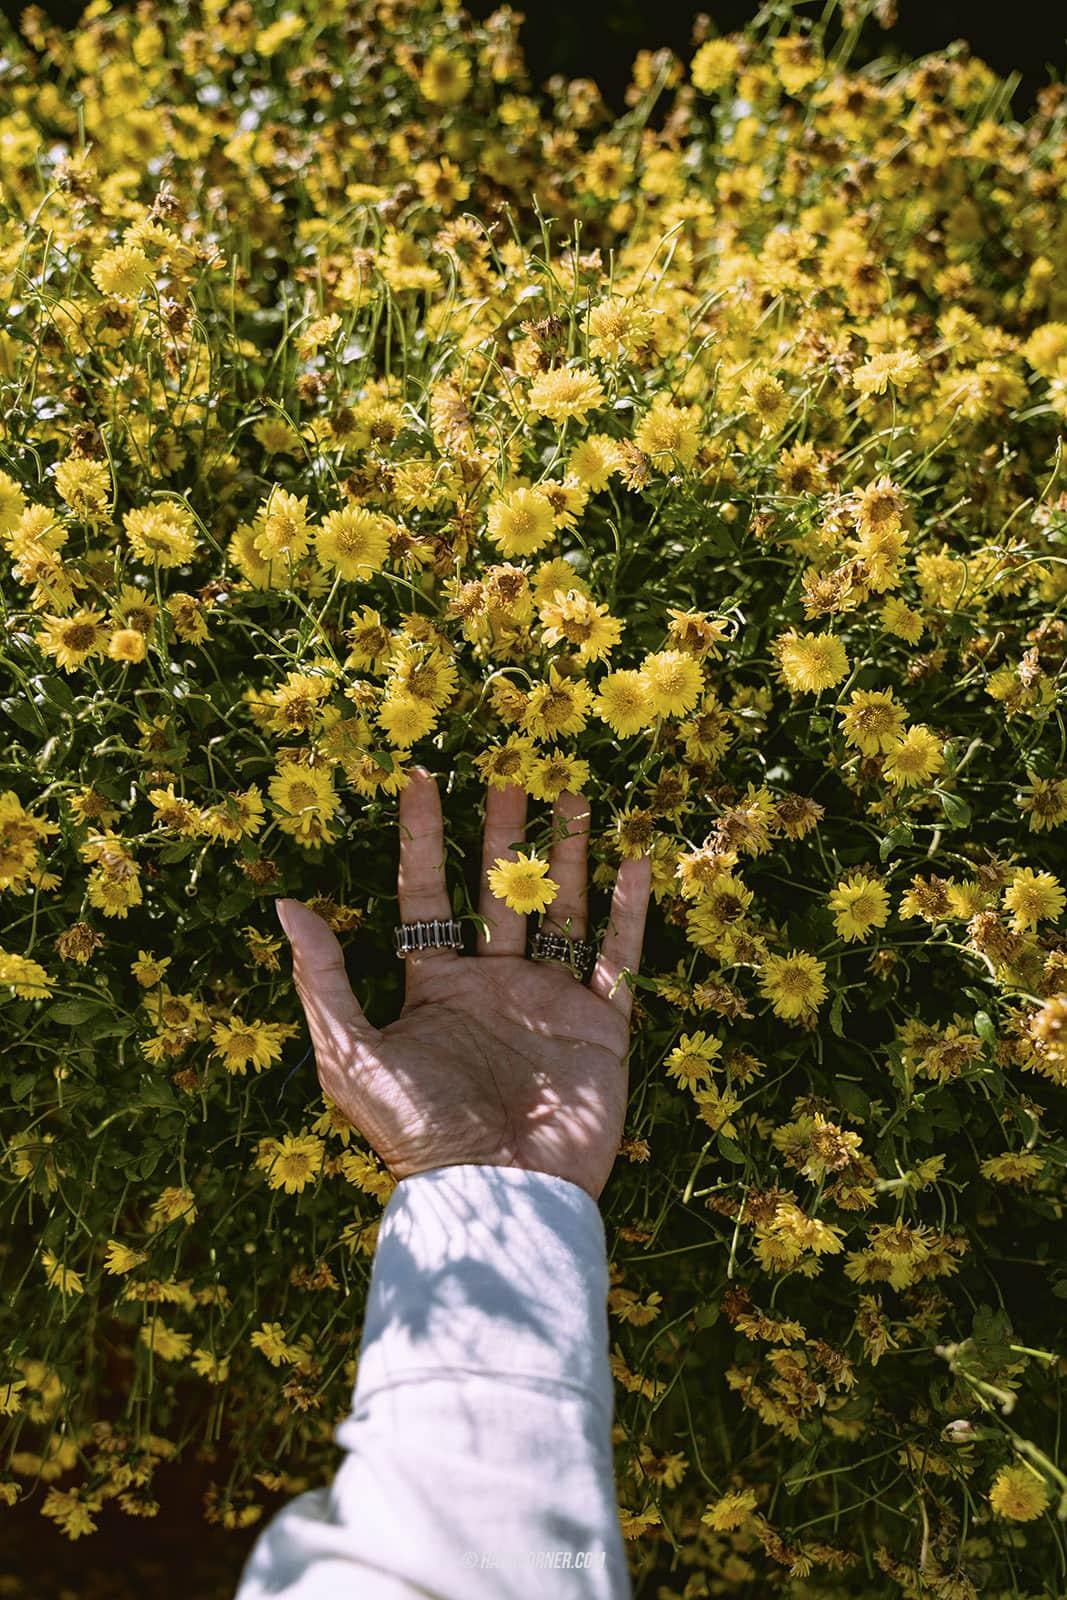 รีวิว แม่ริม x เชียงใหม่ เที่ยวชมดอกไม้และม่อนแจ่ม